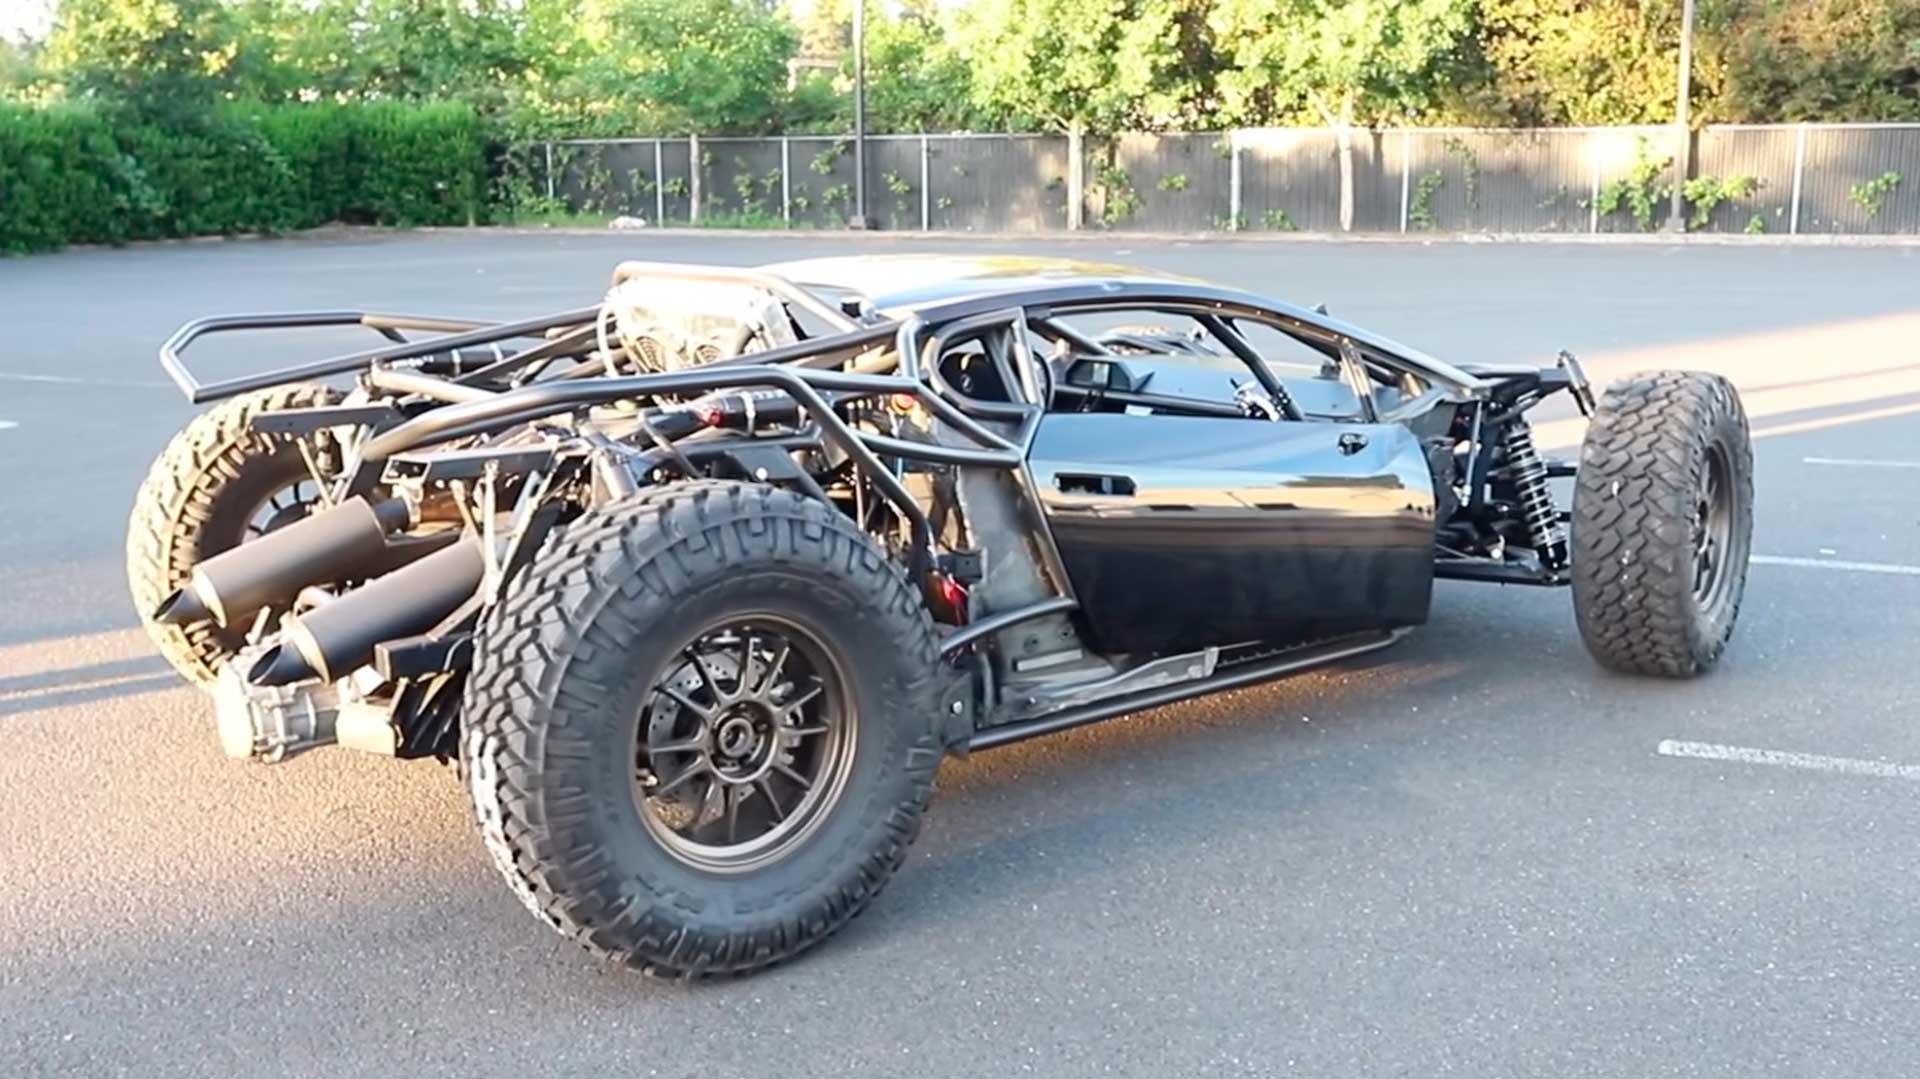 Lamborghini Huracán off-road: del desguace a disputar competiciones 4×4